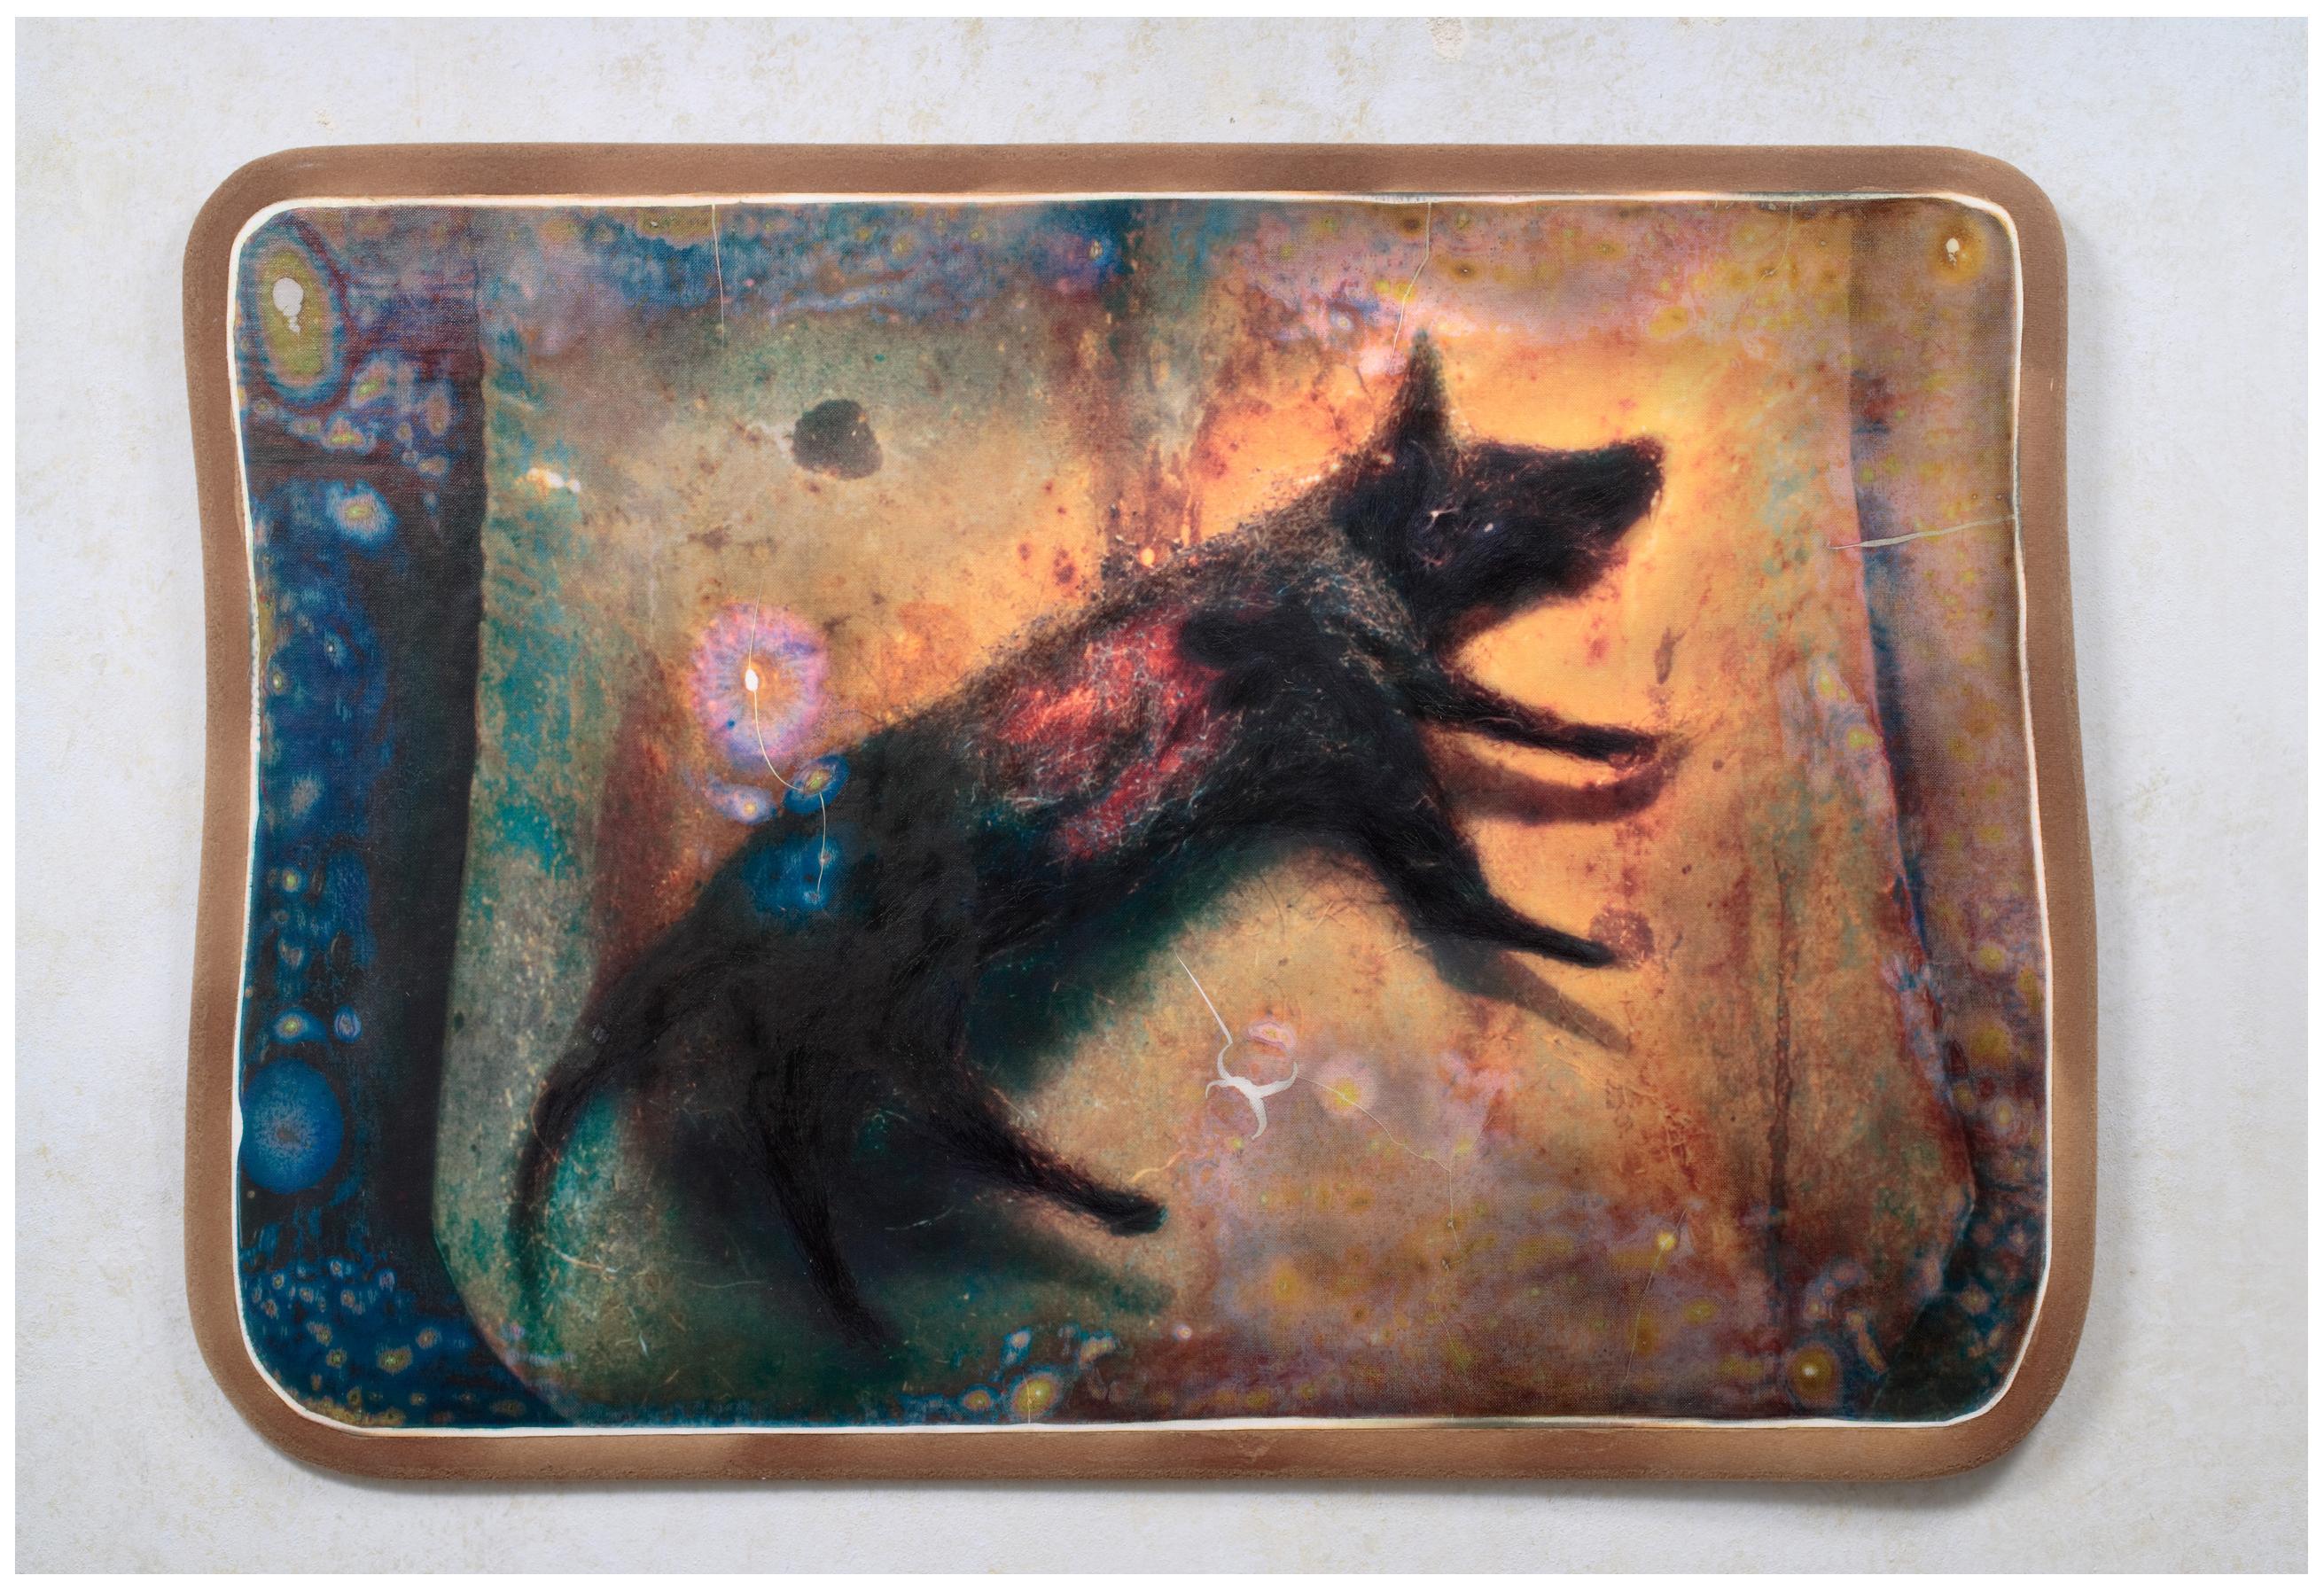 František Skála, Souhvězdí psa, 2006